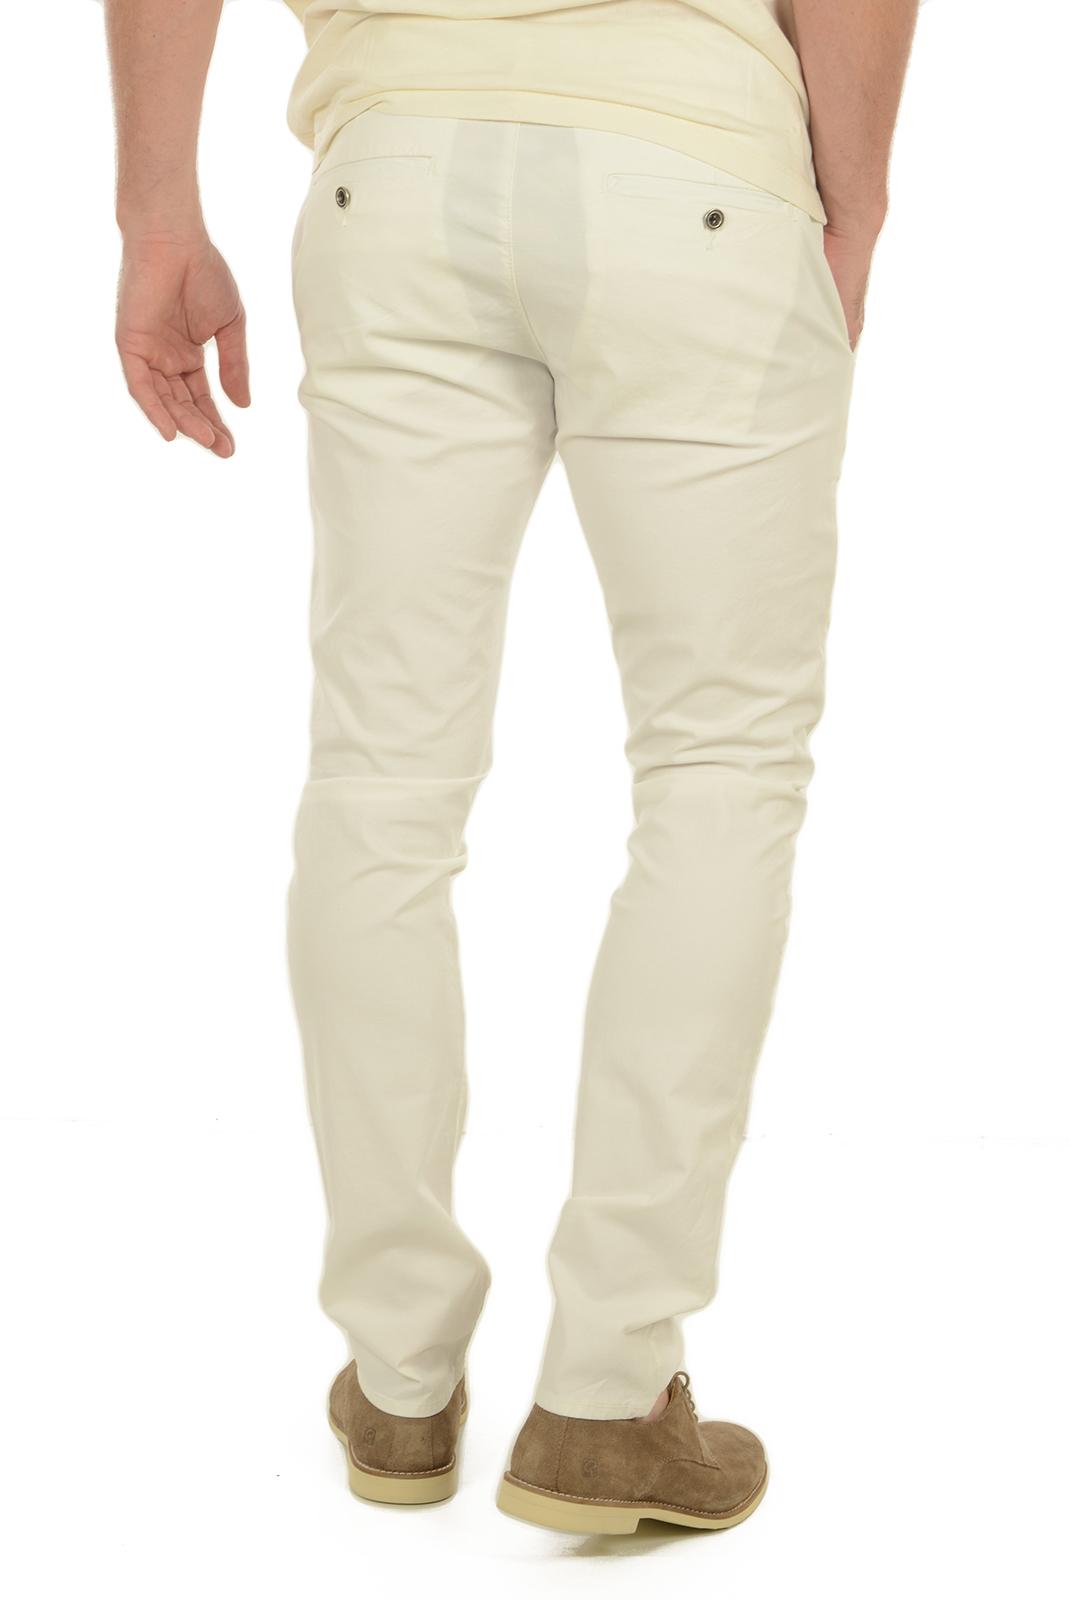 Pantalons chino/citadin  Guess jeans M72B29 W8B80 B931